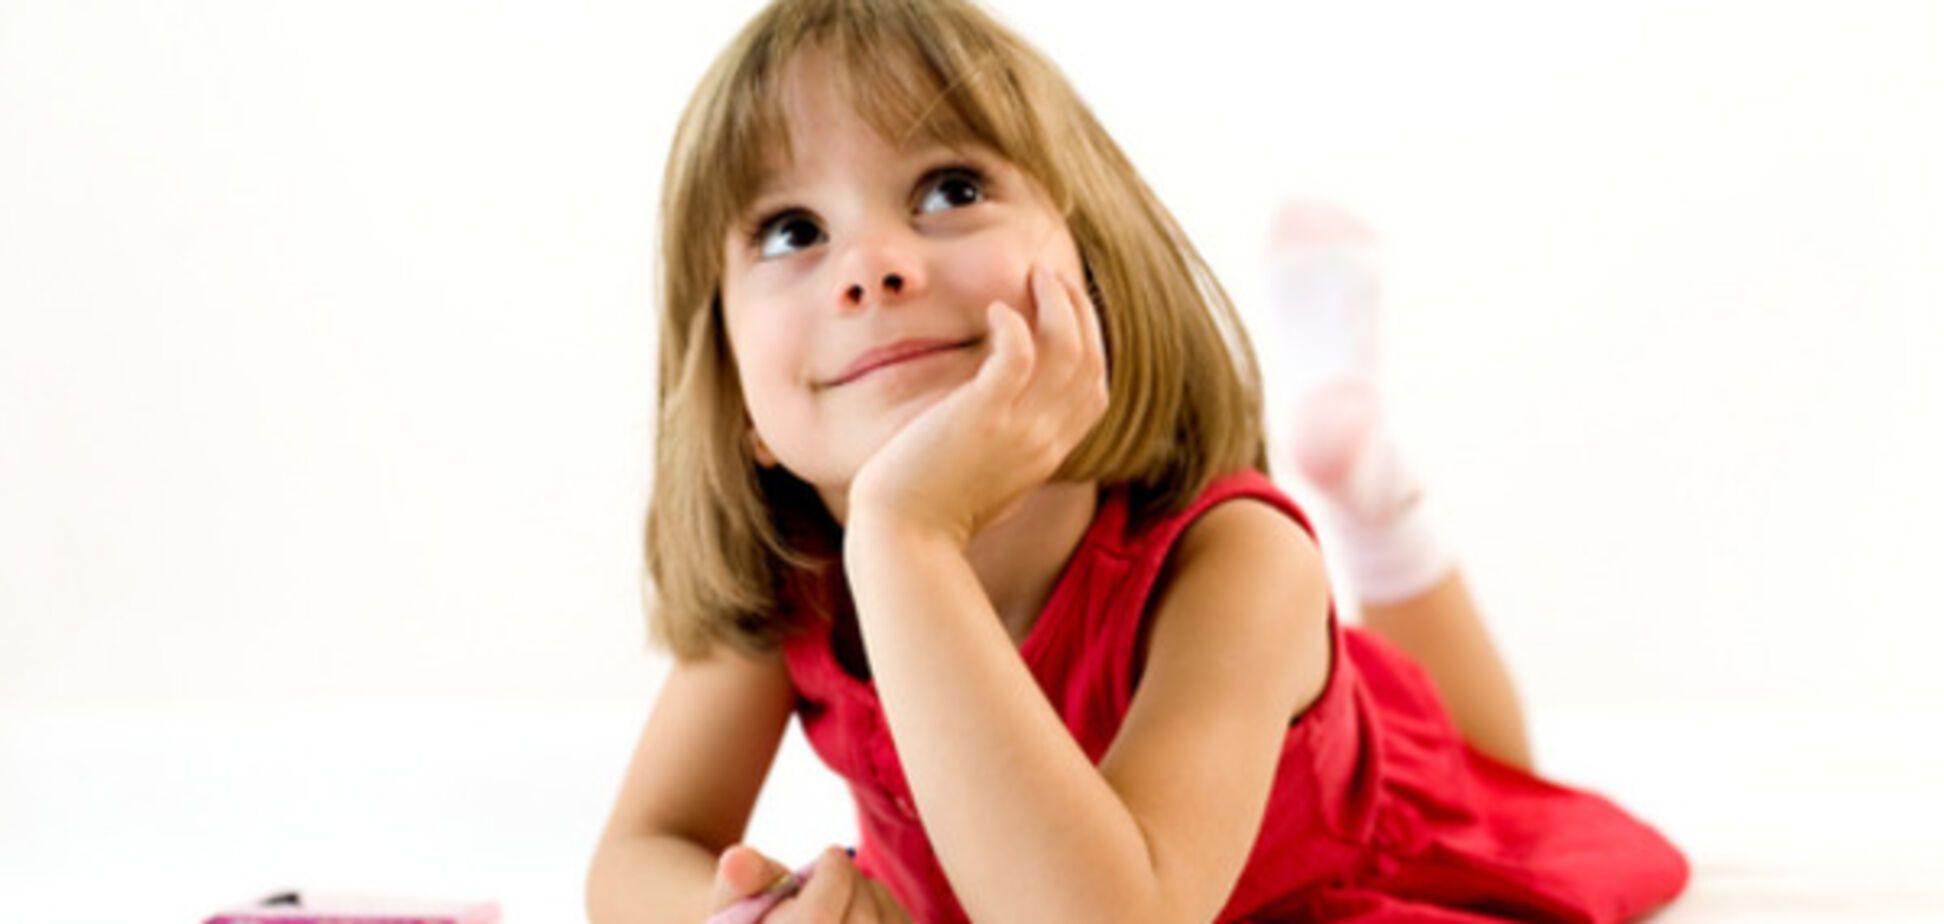 А мама вірить: топ-5 дитячих хитрощів, які перевірені на всіх батьках